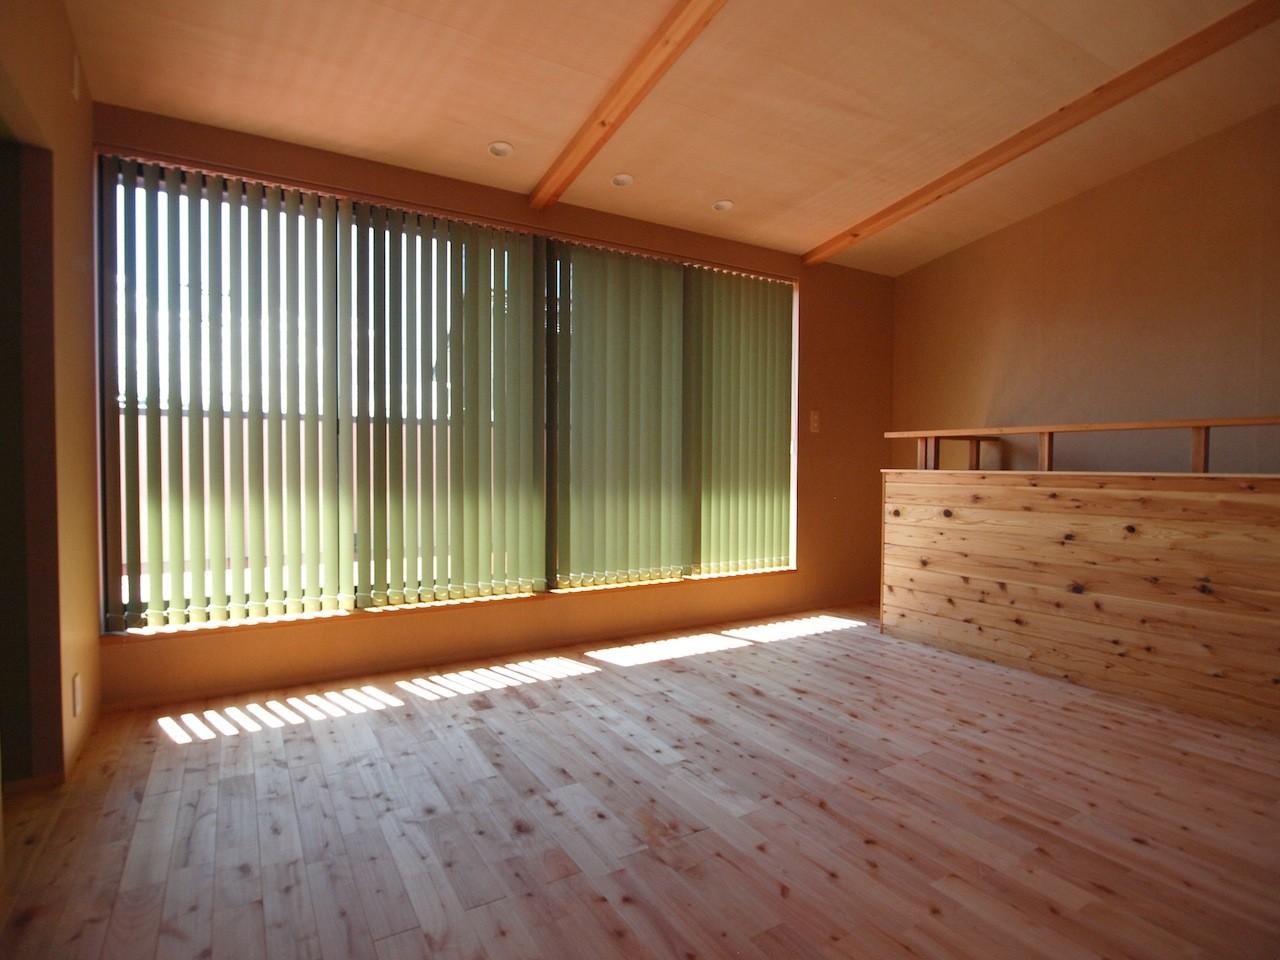 ベッドルーム事例:2階予備室(庭を囲むL型の家〜診療室付子建住宅)